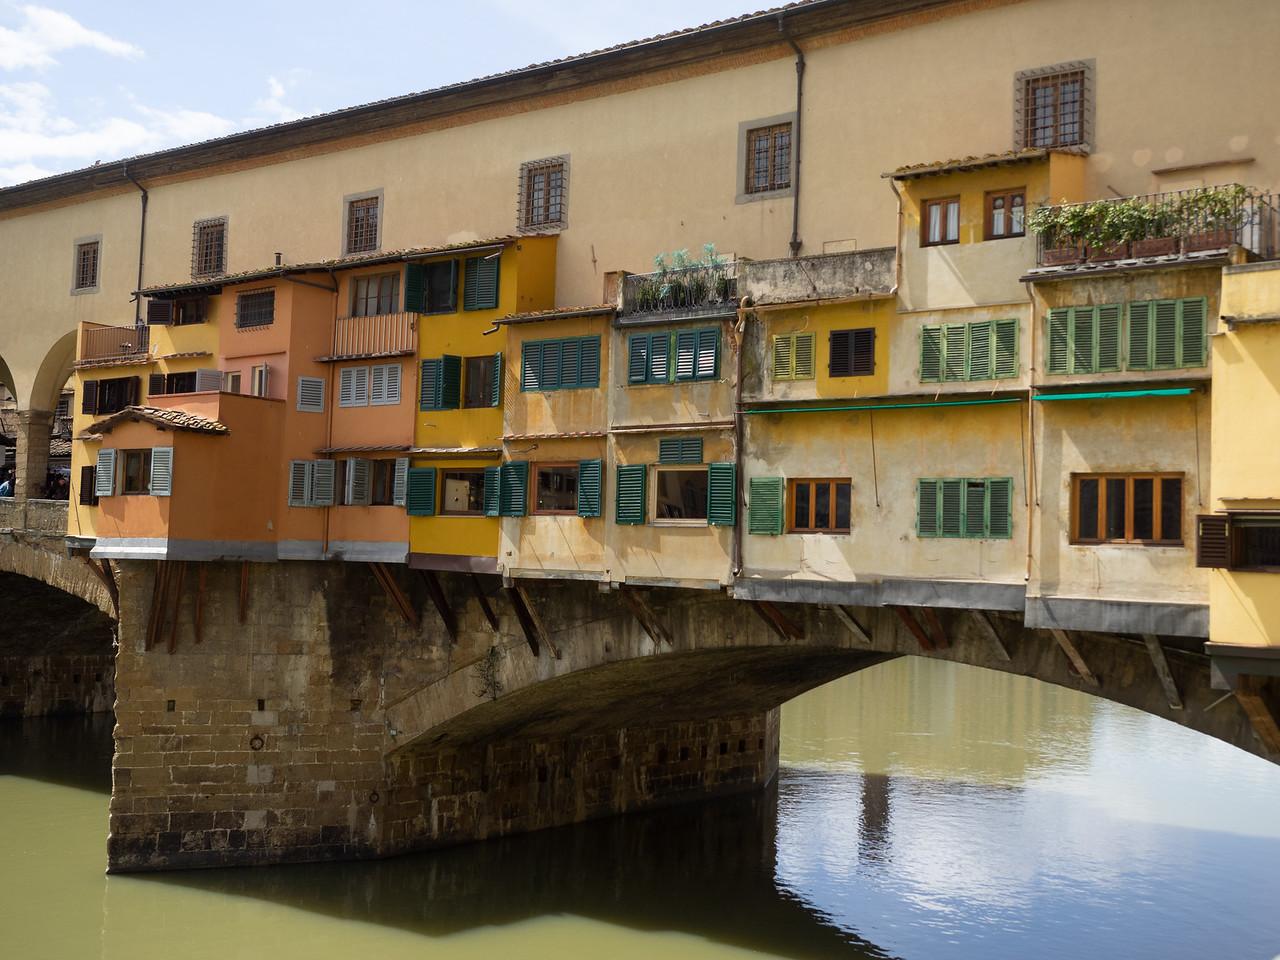 The famous Ponte Vecchio bridge.